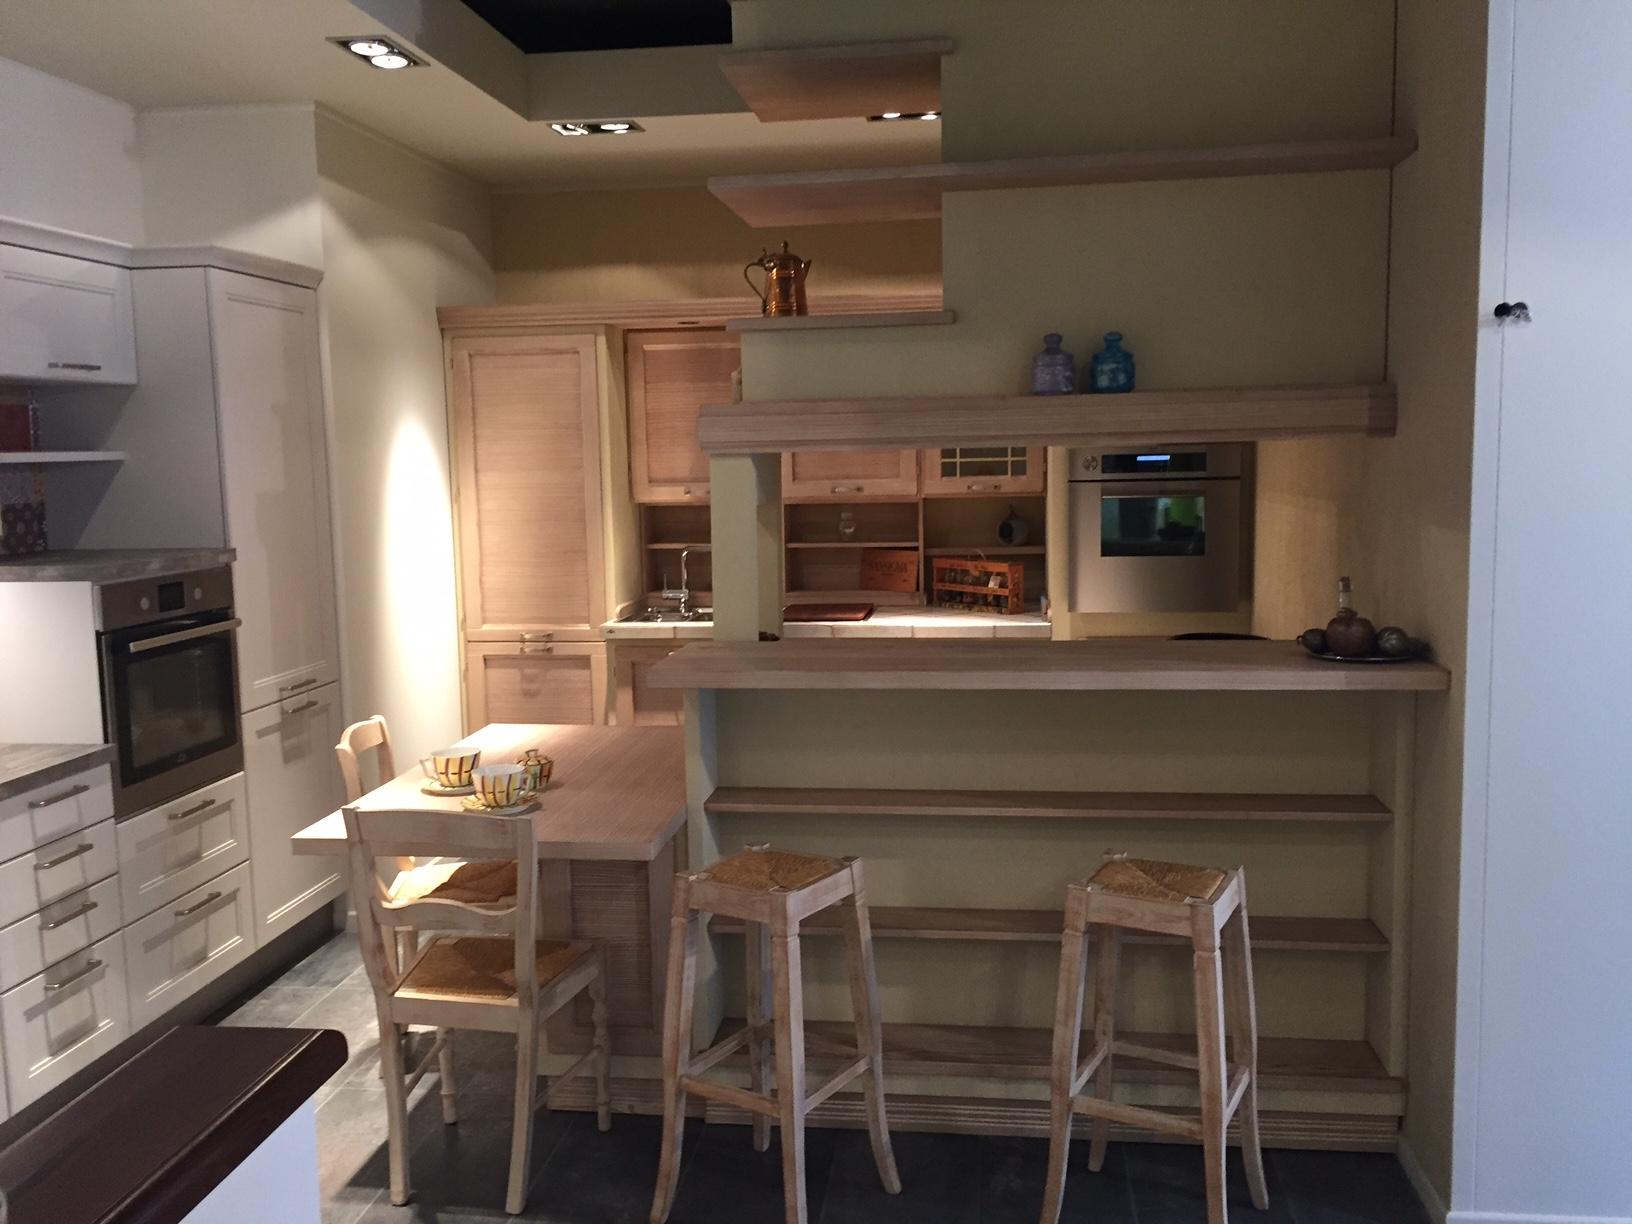 Cucine Occasione Design. Simple Design Cucine Moderne Con Isola Centrale Scavolini Trova Le ...